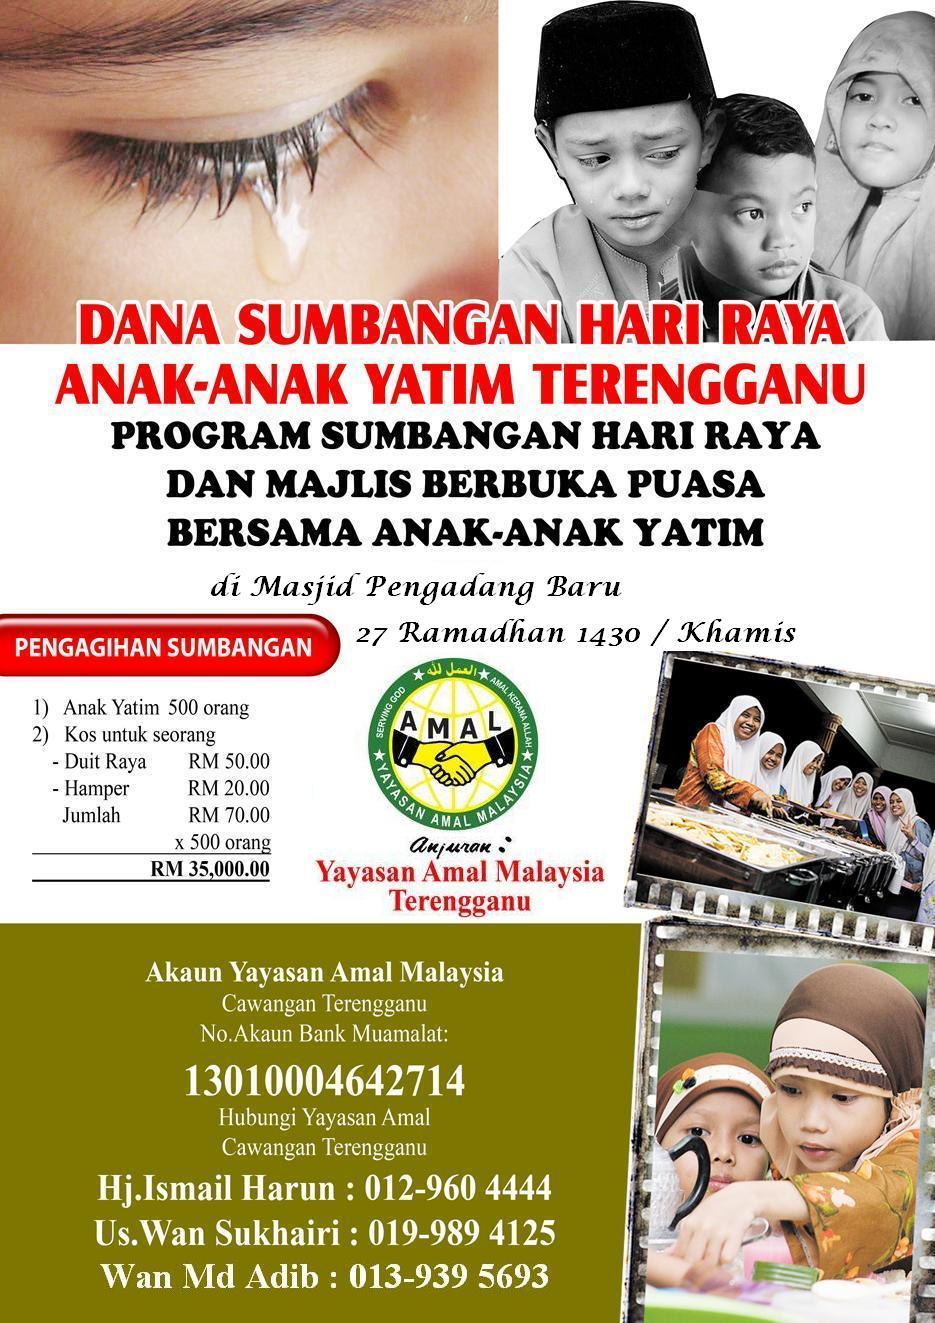 yayasan amal malaysia (cawangan terengganu) rayuan infaq majlisrayuan infaq majlis berbuka puasa bersama anak yatim 1431h